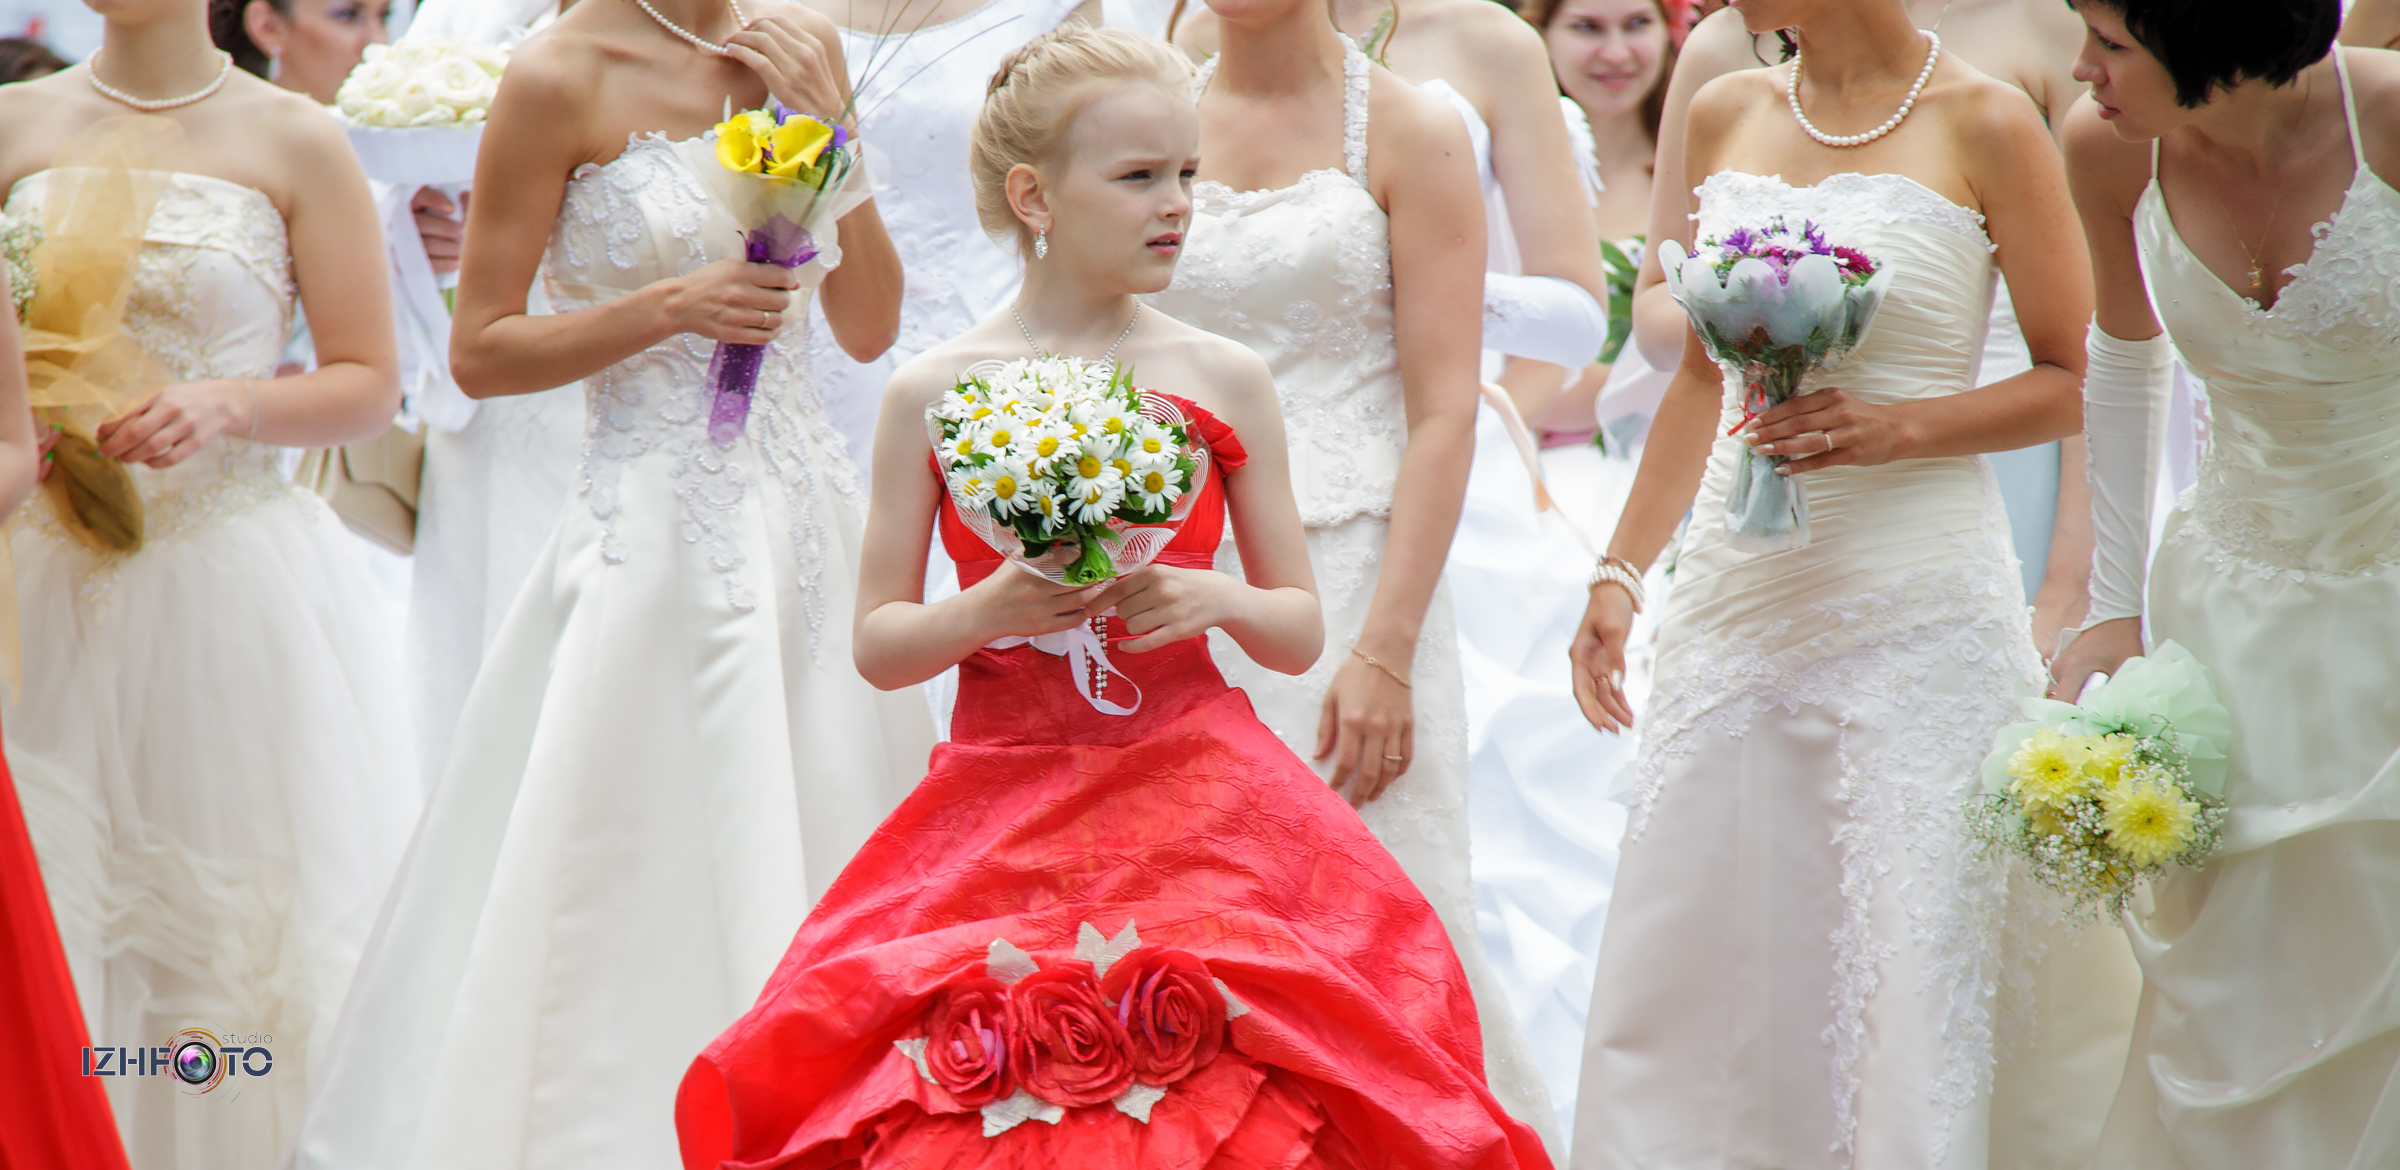 Праздник для девушек в свадебных платьях Фото